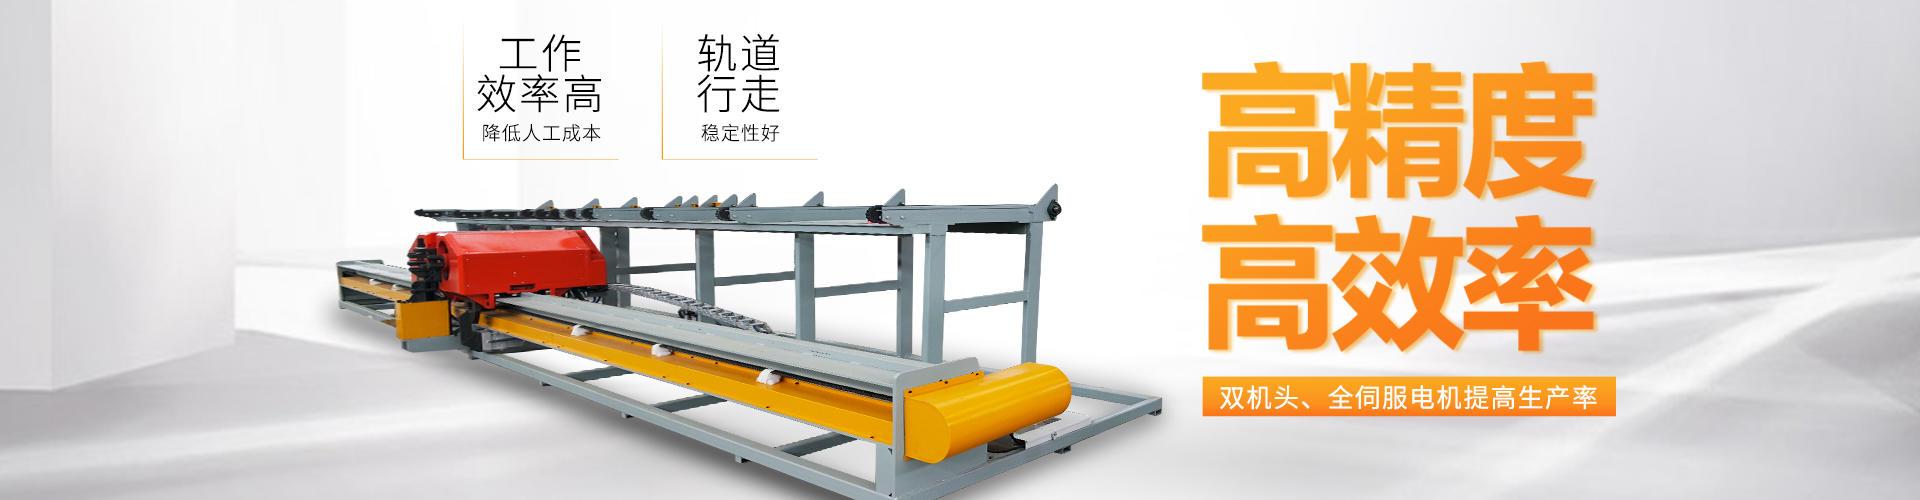 GL-G2L32数控钢筋弯曲中心